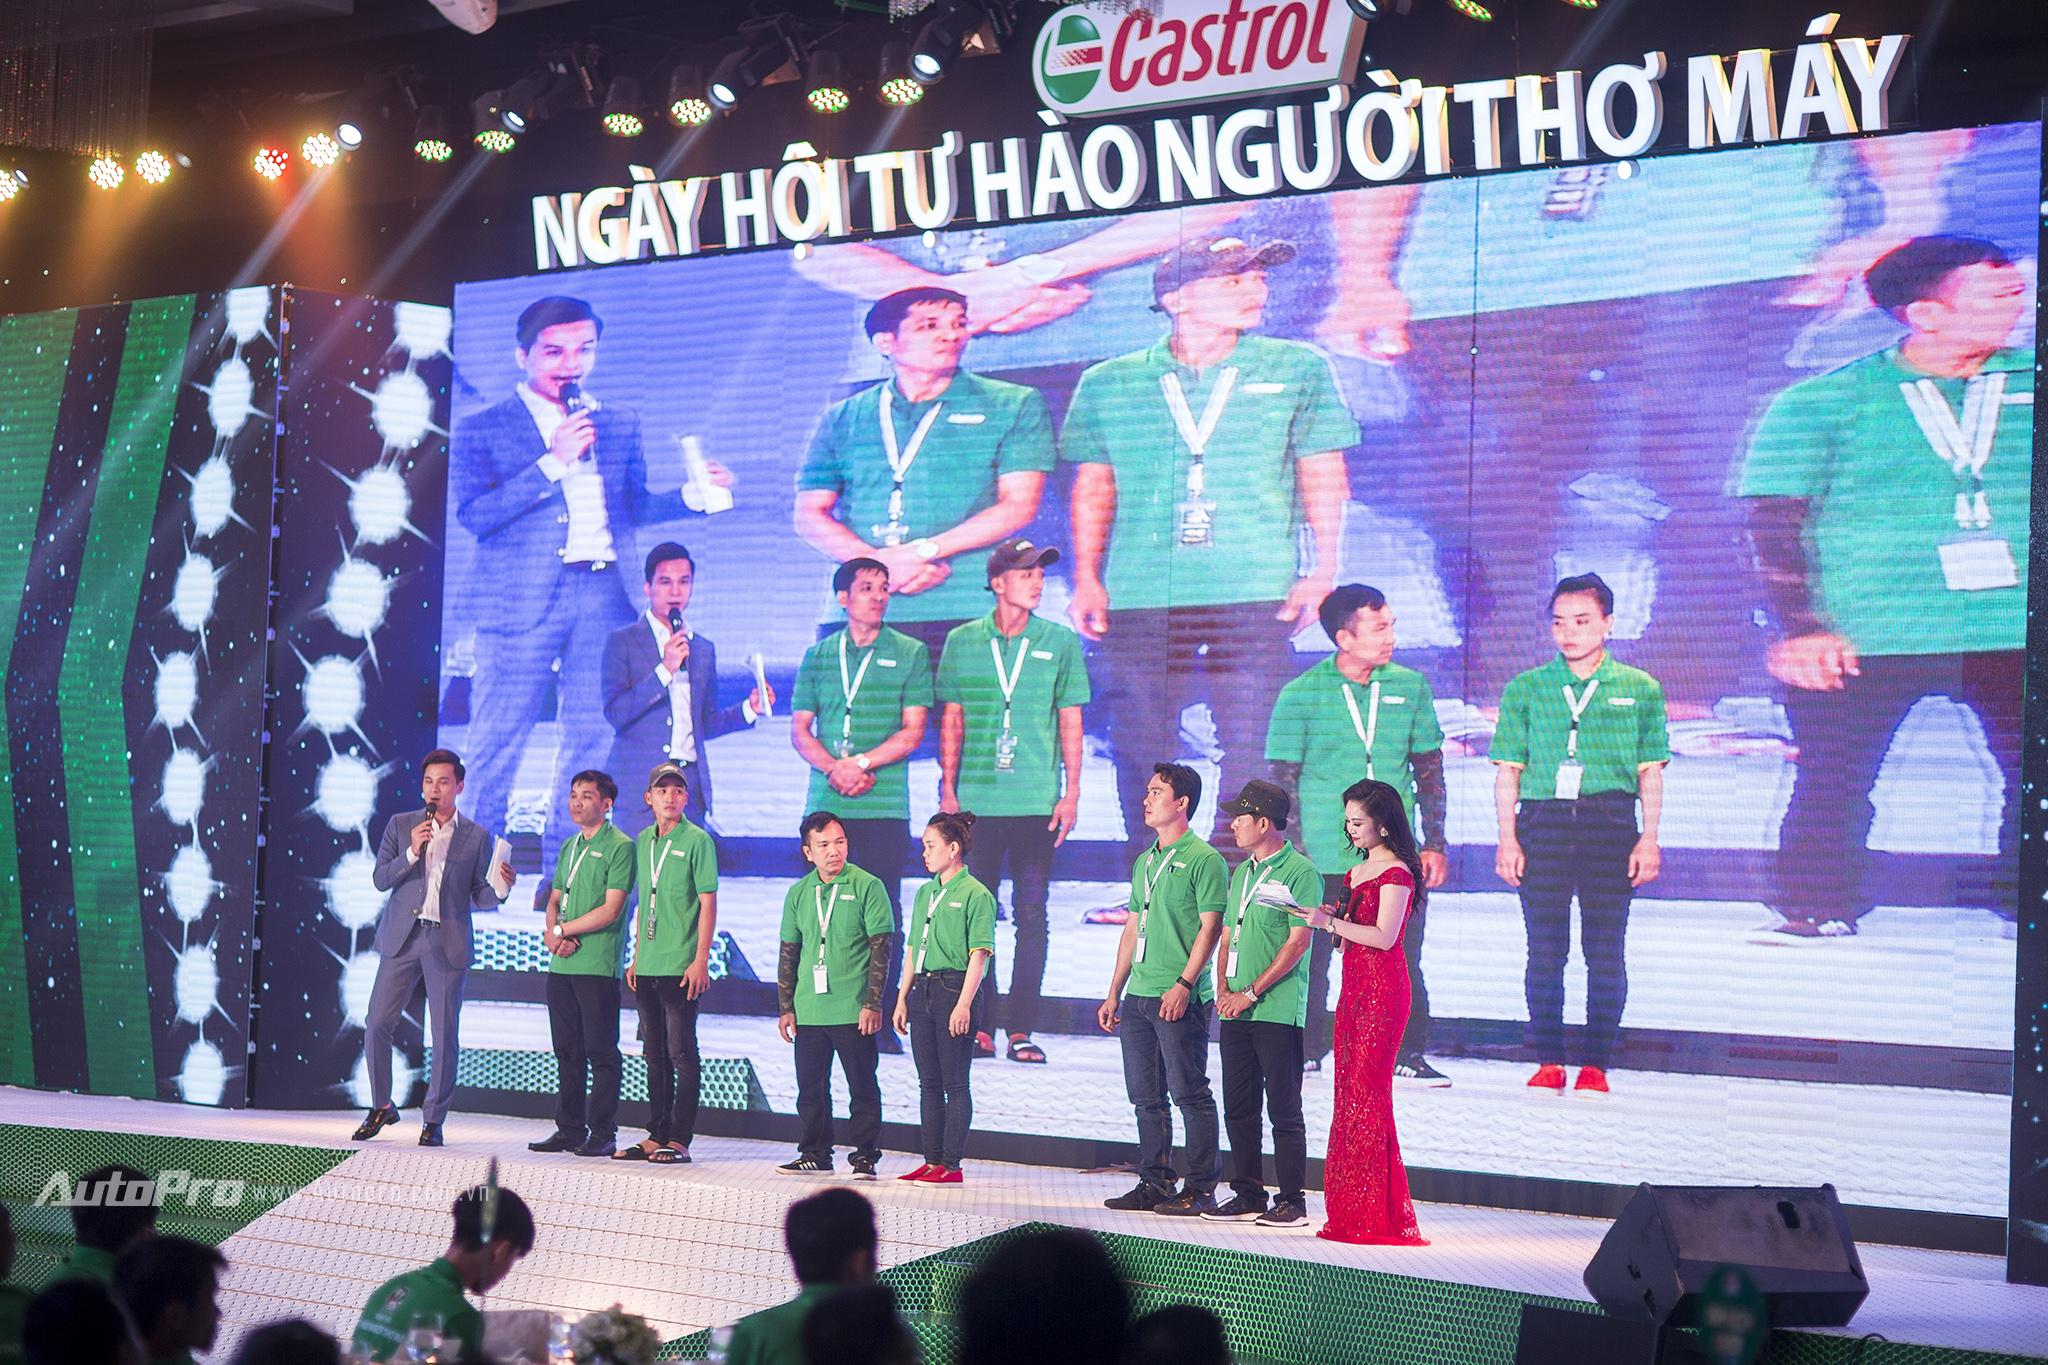 Thợ máy Việt tham gia tranh tài thợ giỏi khu vực Châu Á Thái Bình Dương - Ảnh 1.